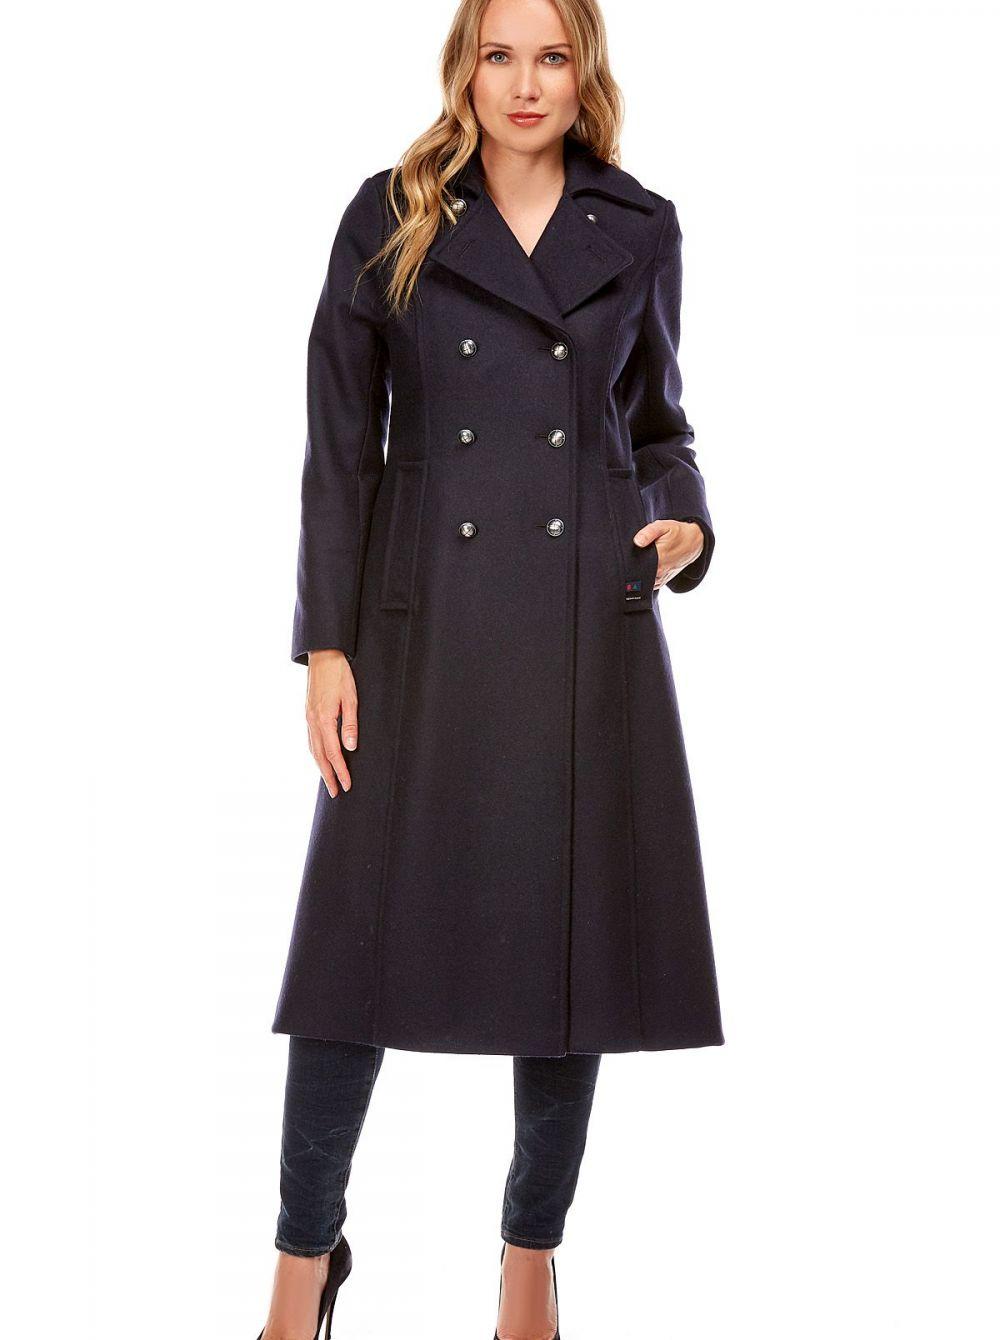 manteau long femme en laine carnac la maison du caban by dalmard marine. Black Bedroom Furniture Sets. Home Design Ideas